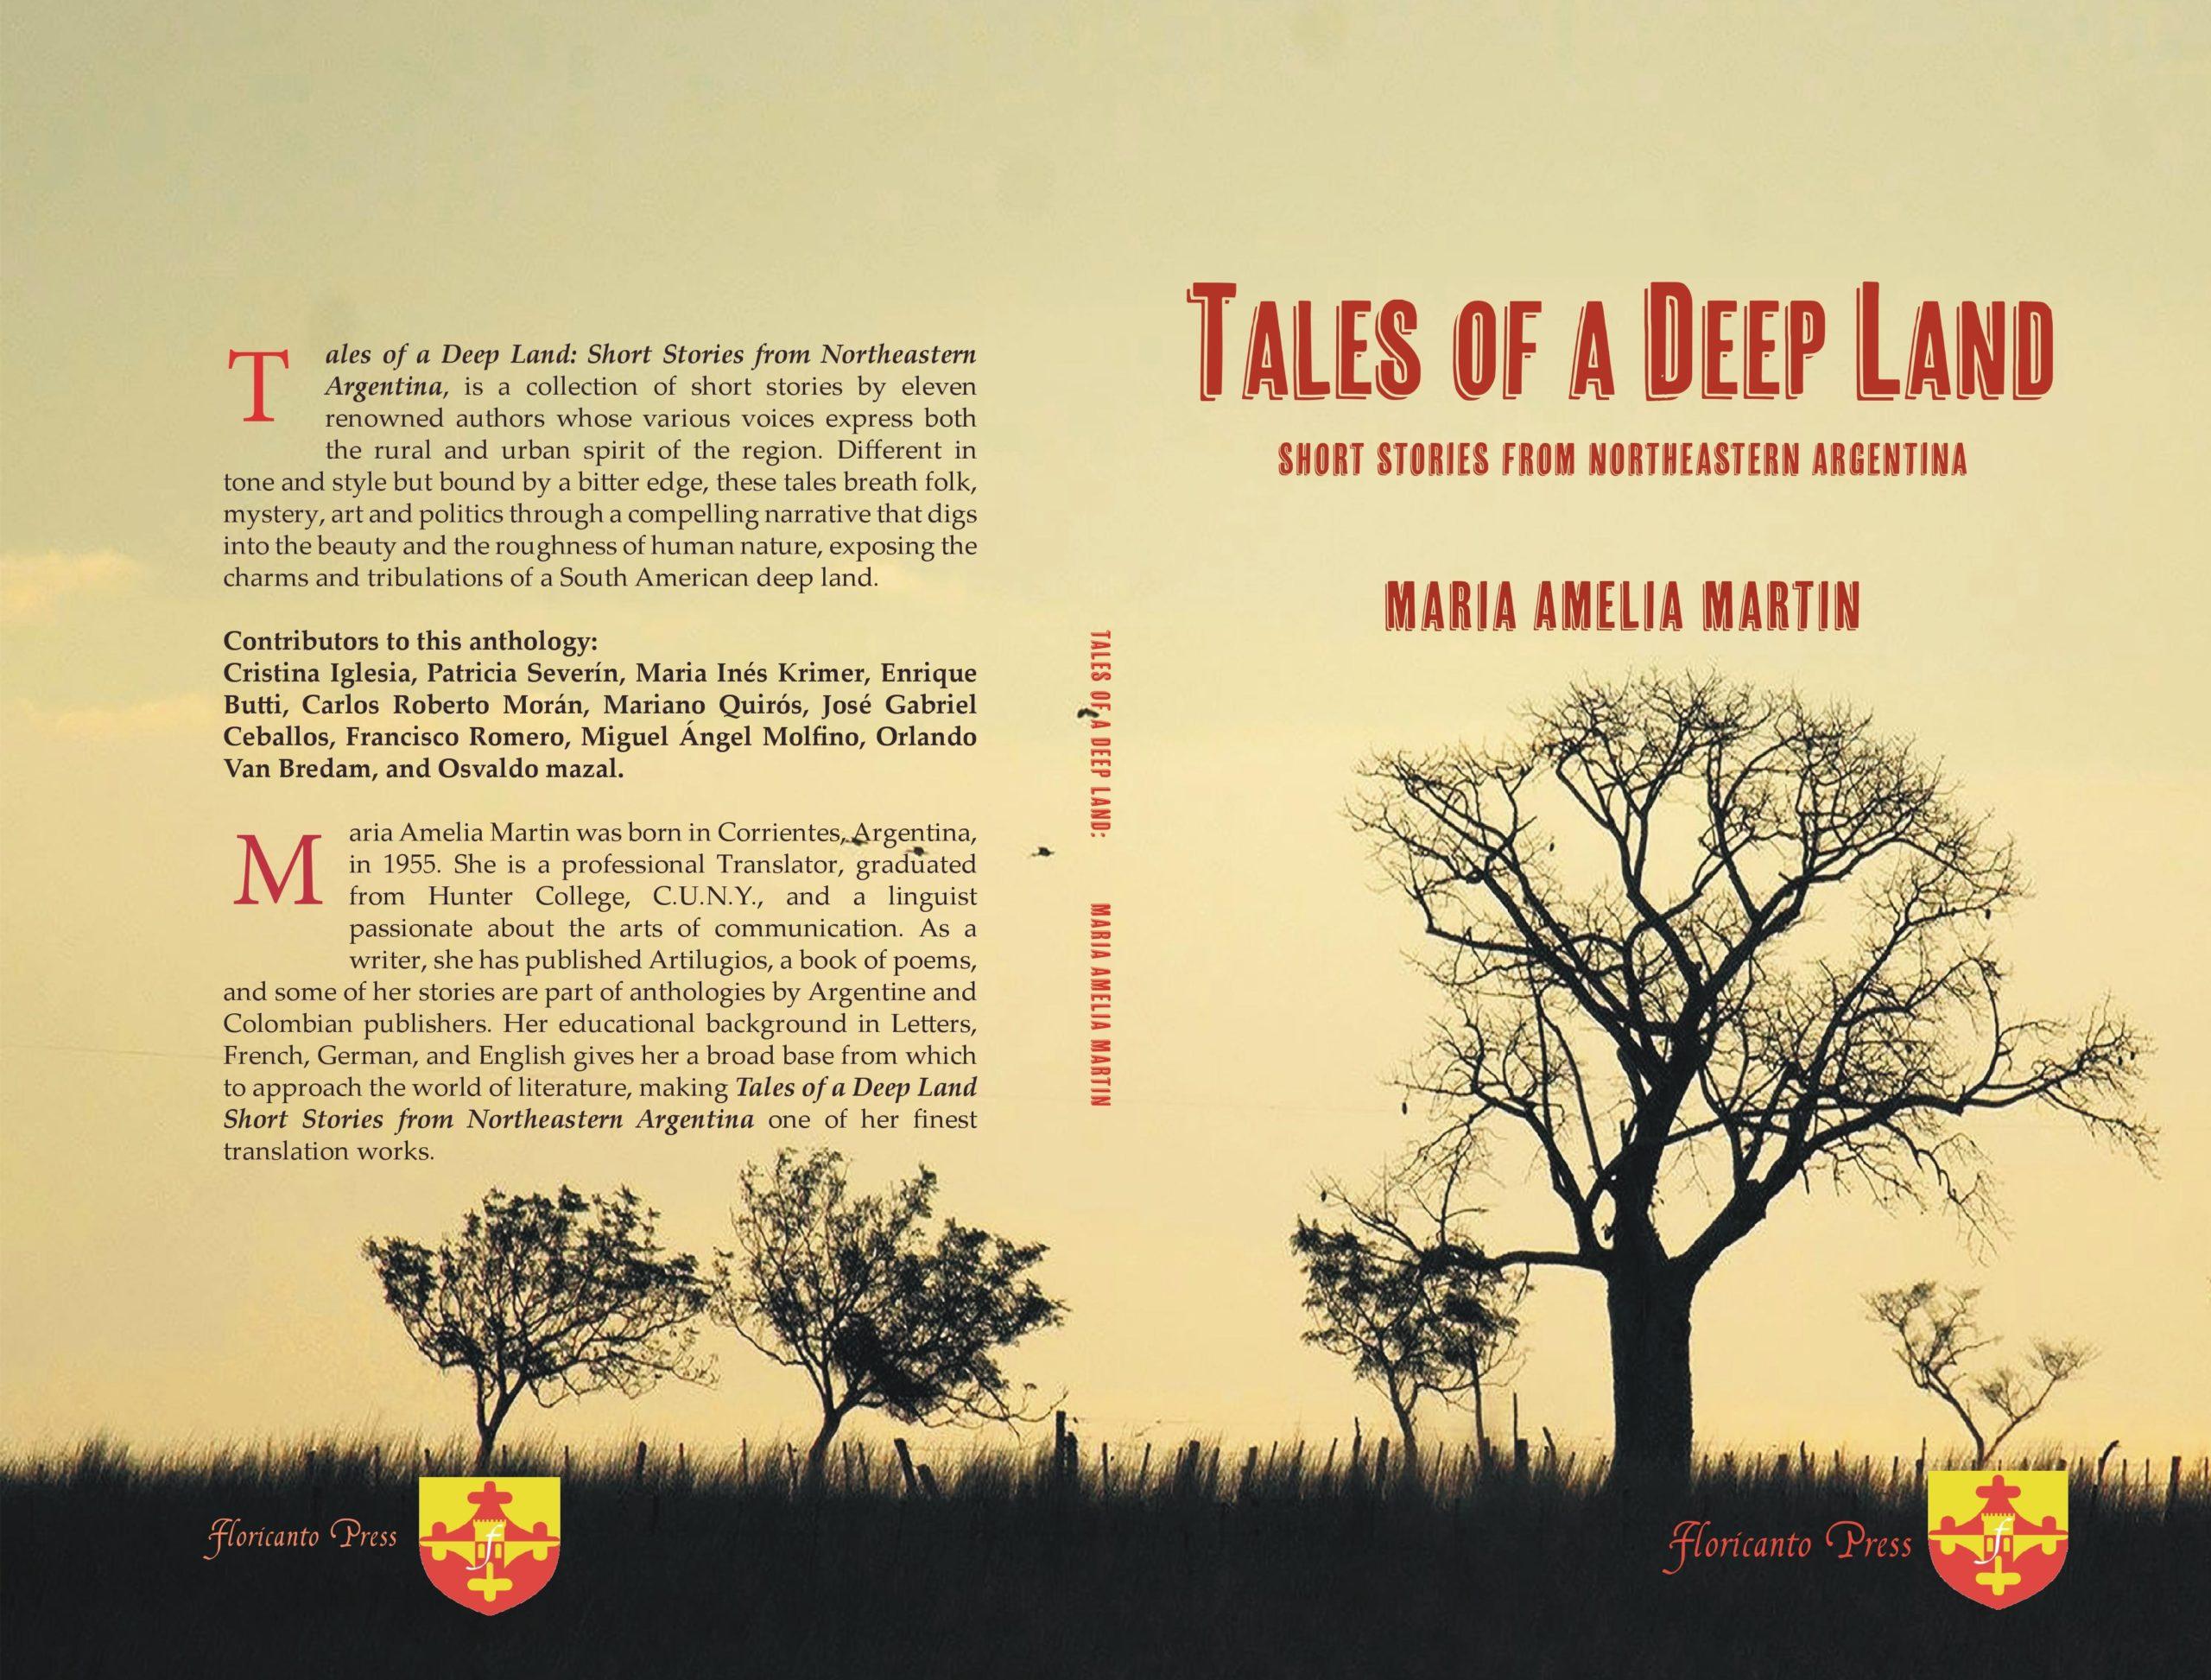 Cuentos de una tierra profunda, historias nuestras para el público americano